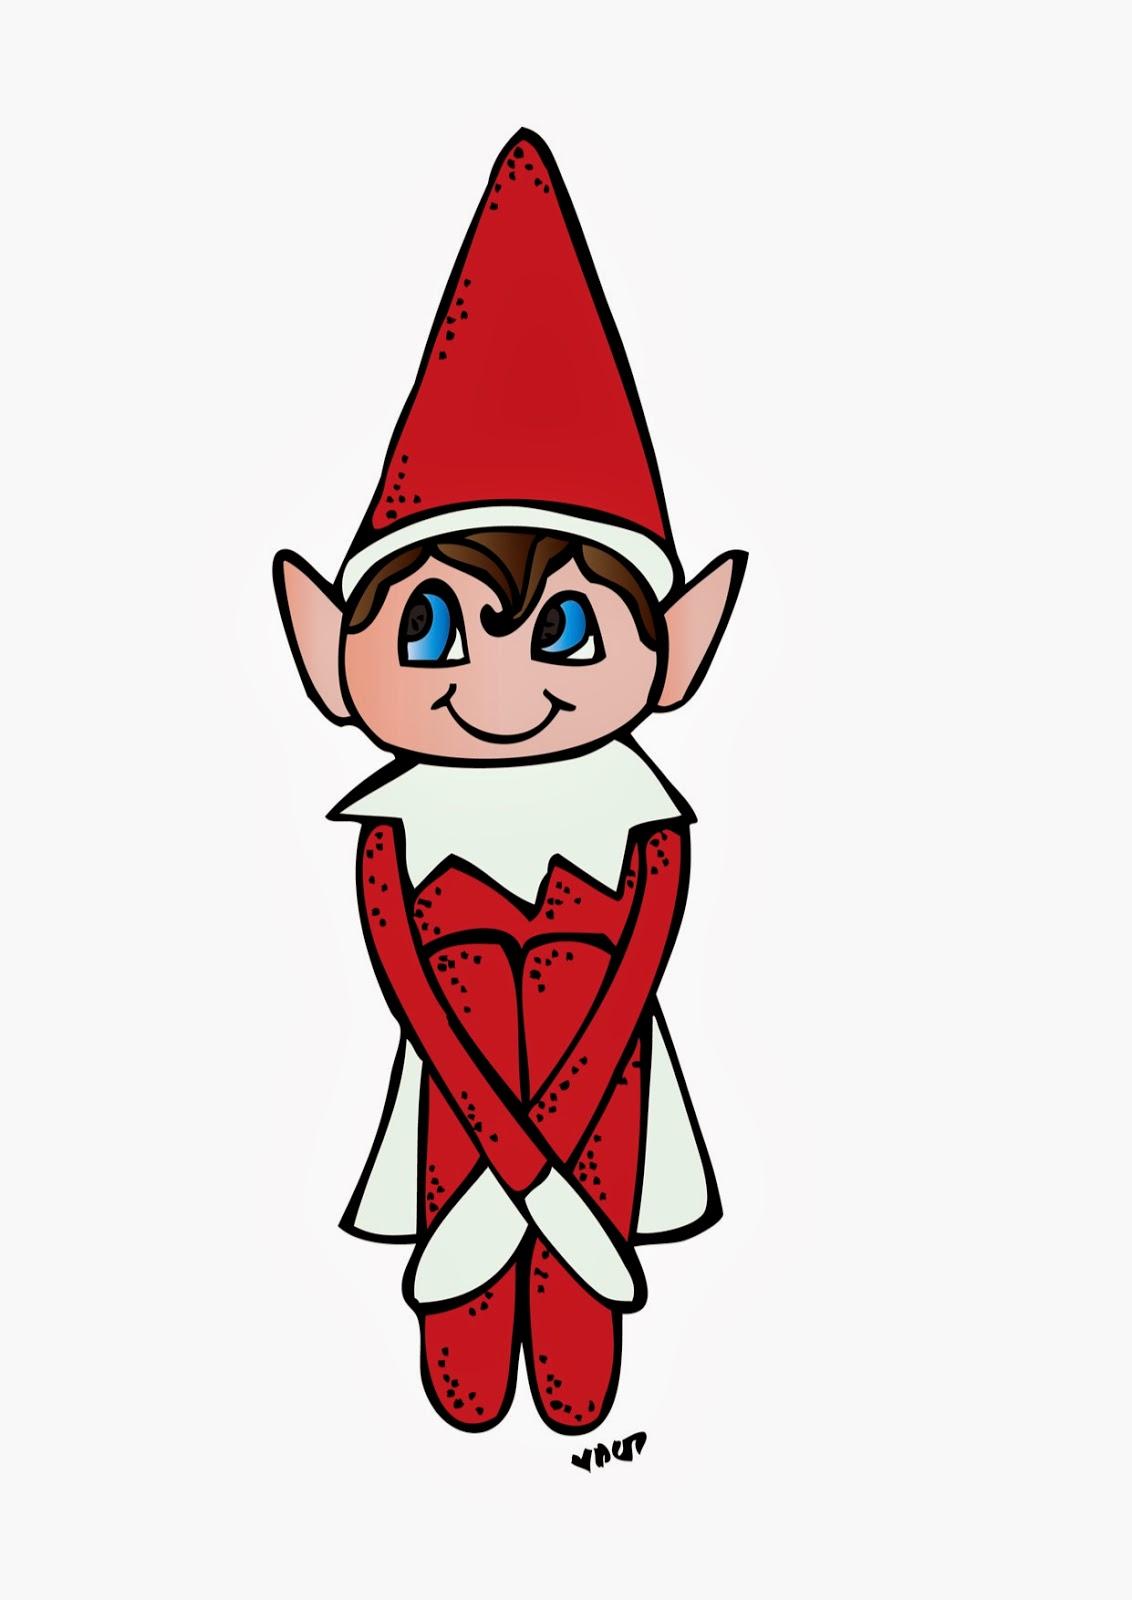 Christmas Clipart Elf On The Shelf.